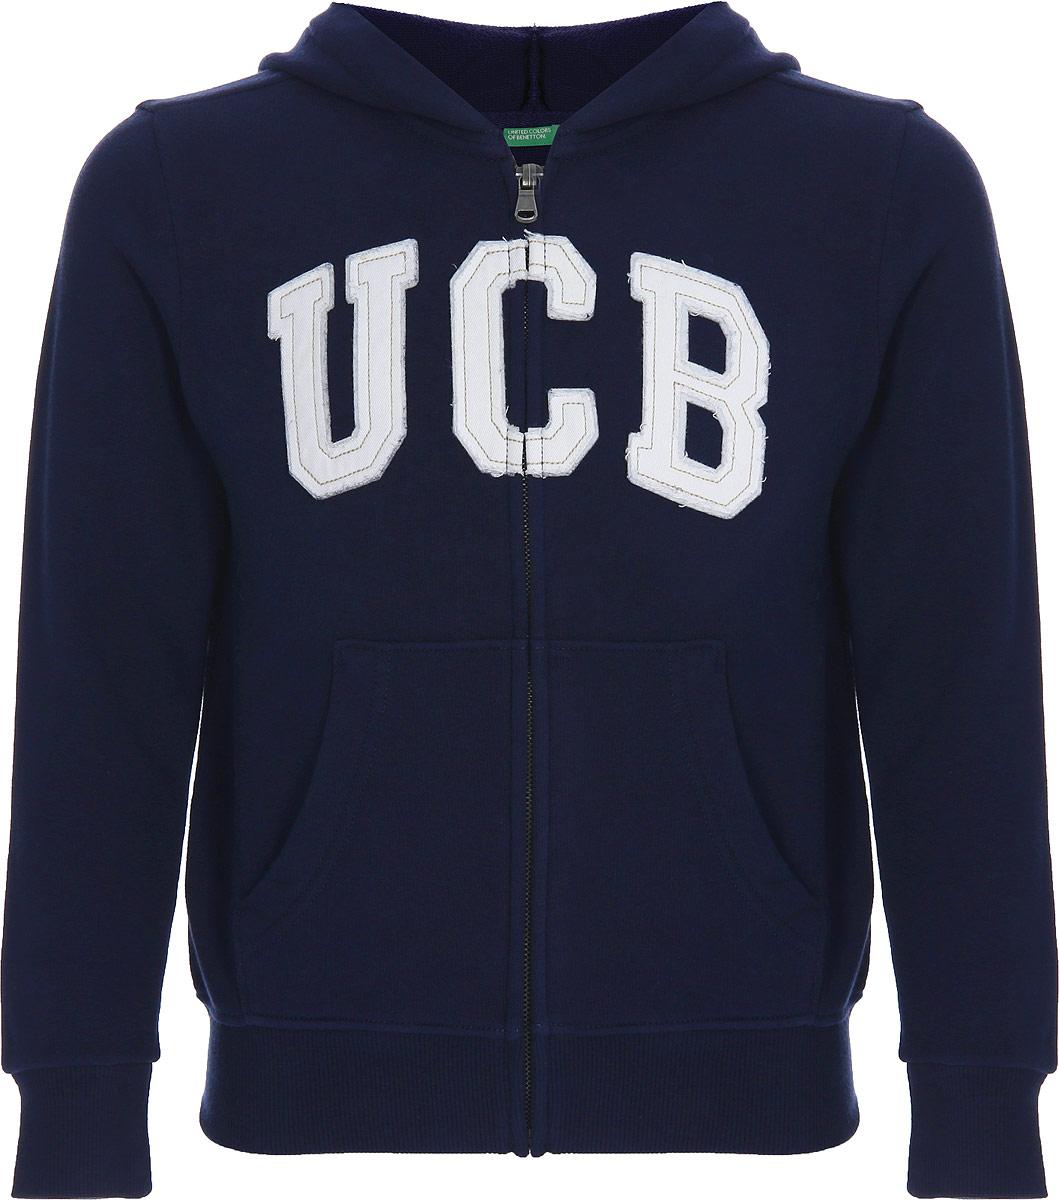 Толстовка для мальчика United Colors of Benetton, цвет: синий. 3J68C5139_13C. Размер 1203J68C5139_13C